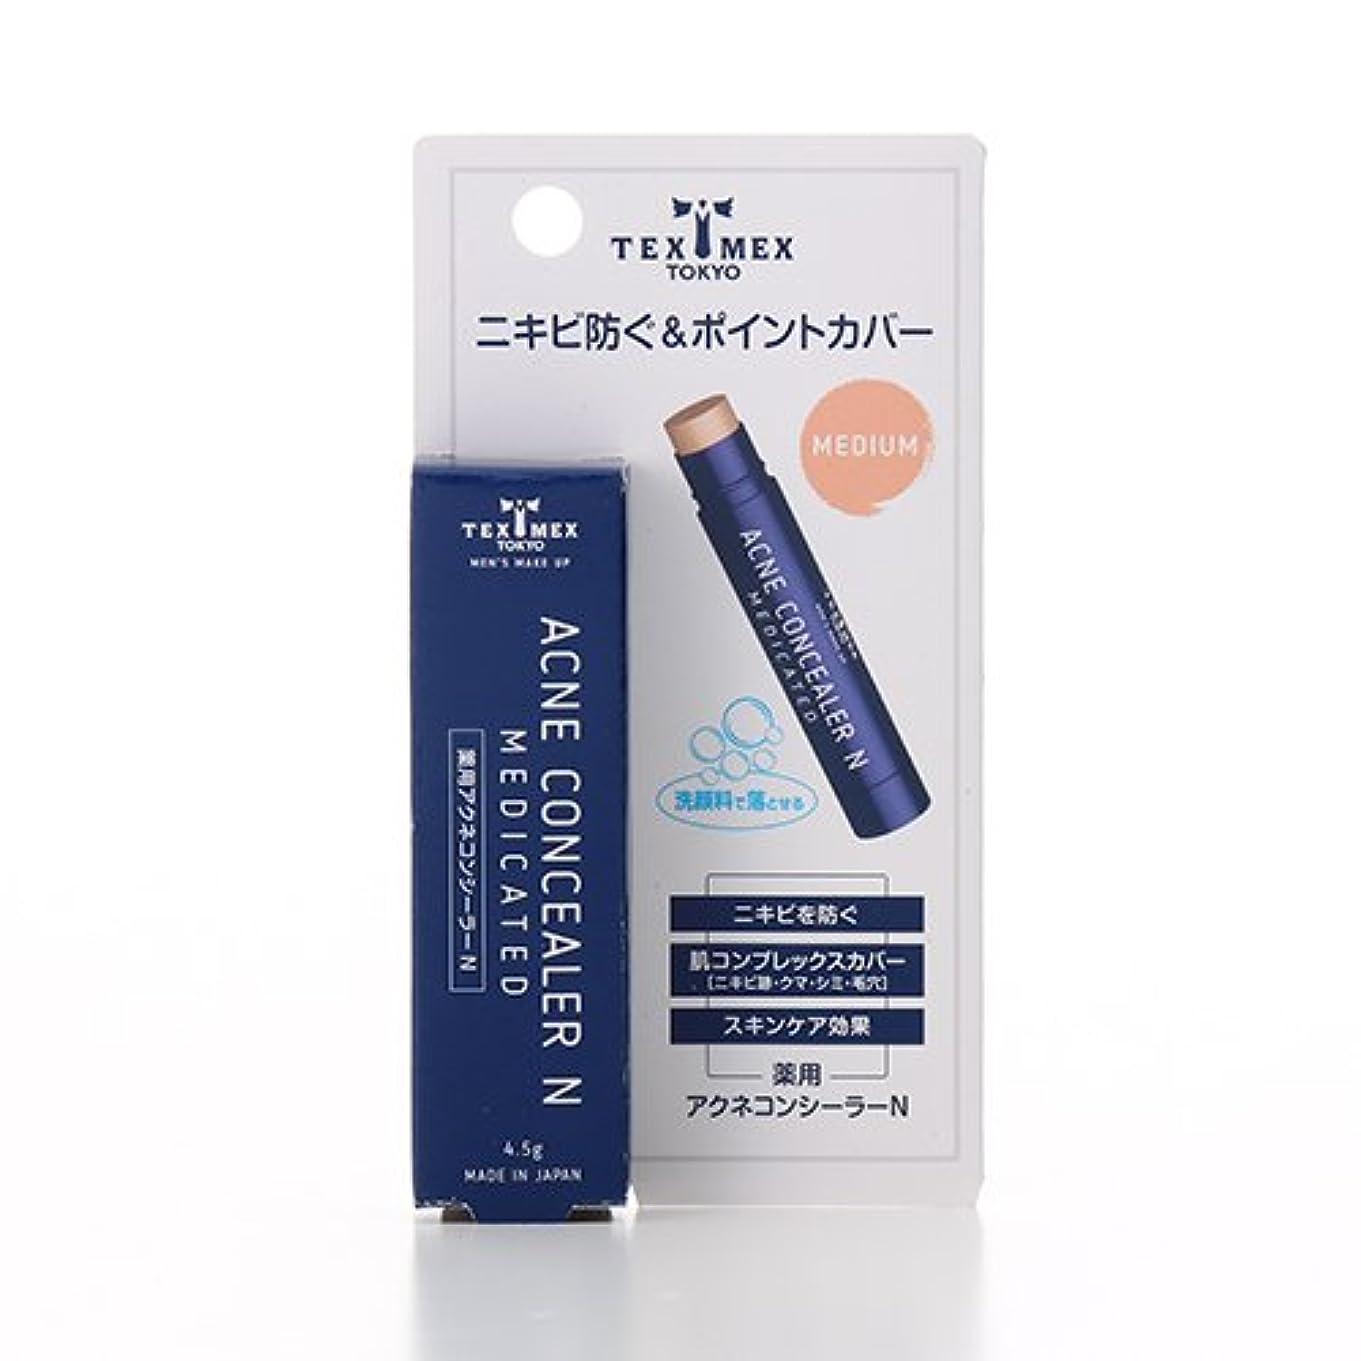 ブランド名ボイラー虐待テックスメックス 薬用アクネコンシーラーN ミディアム 4.5g (医薬部外品)